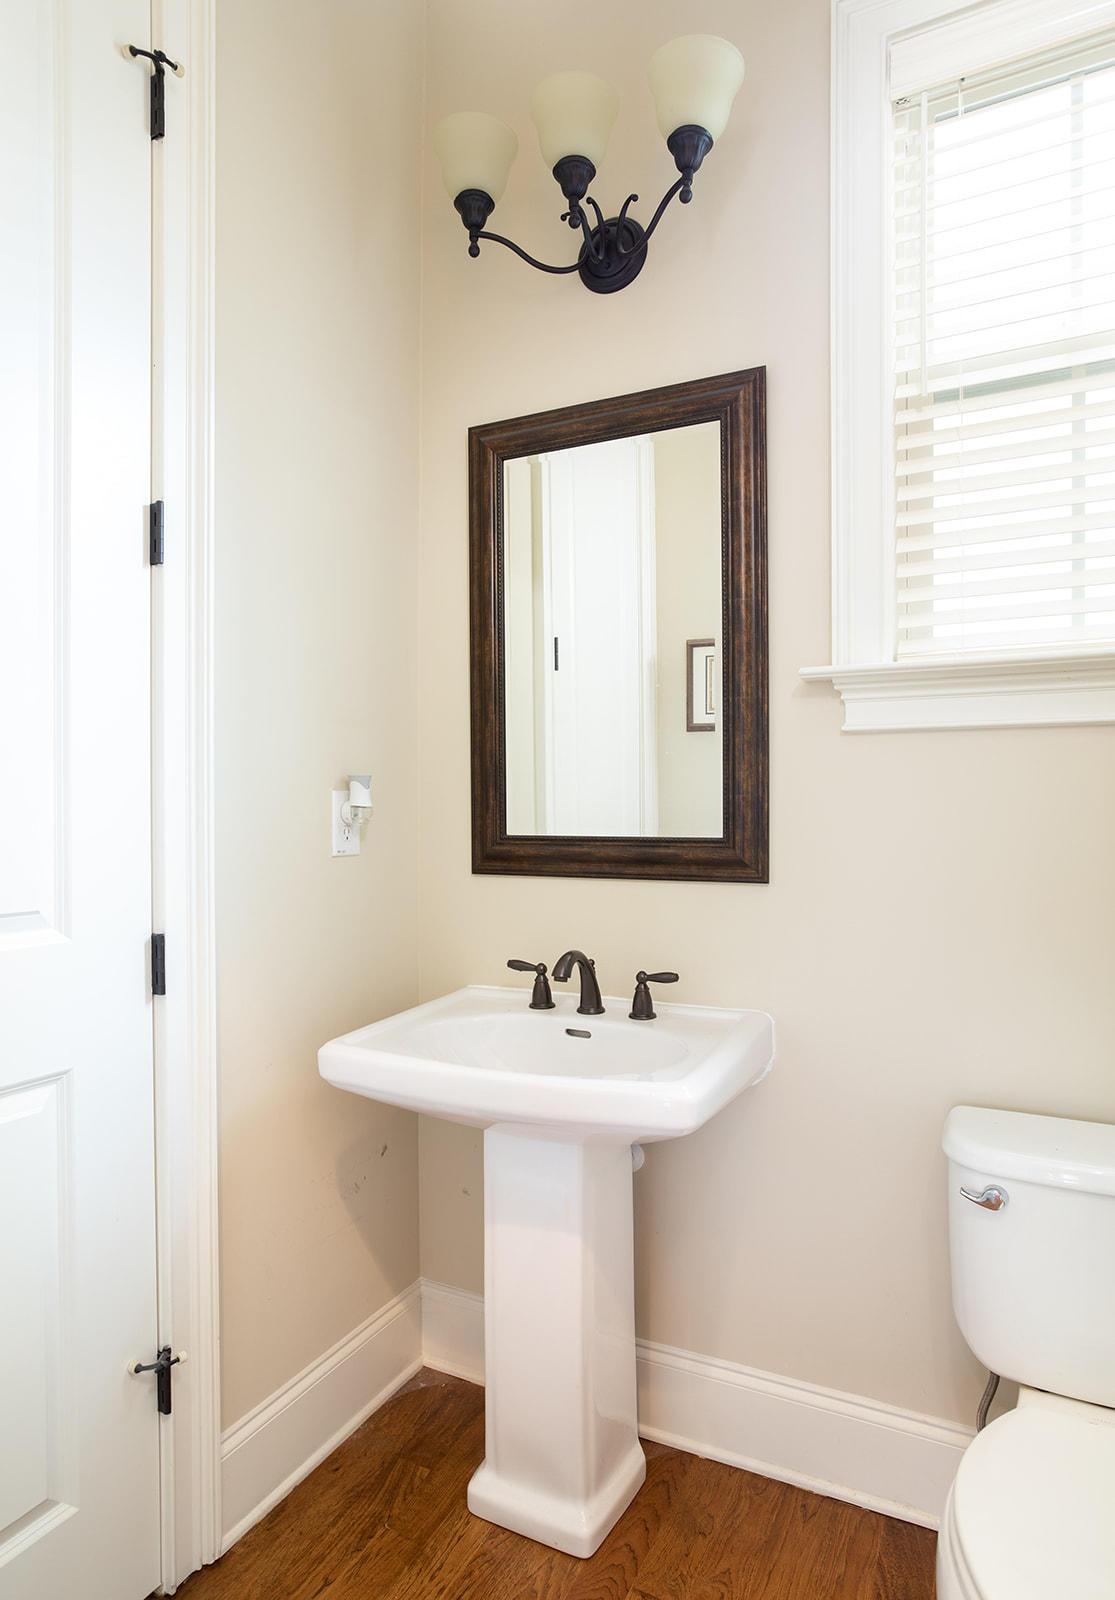 Dunes West Homes For Sale - 3019 Yachtsman, Mount Pleasant, SC - 28